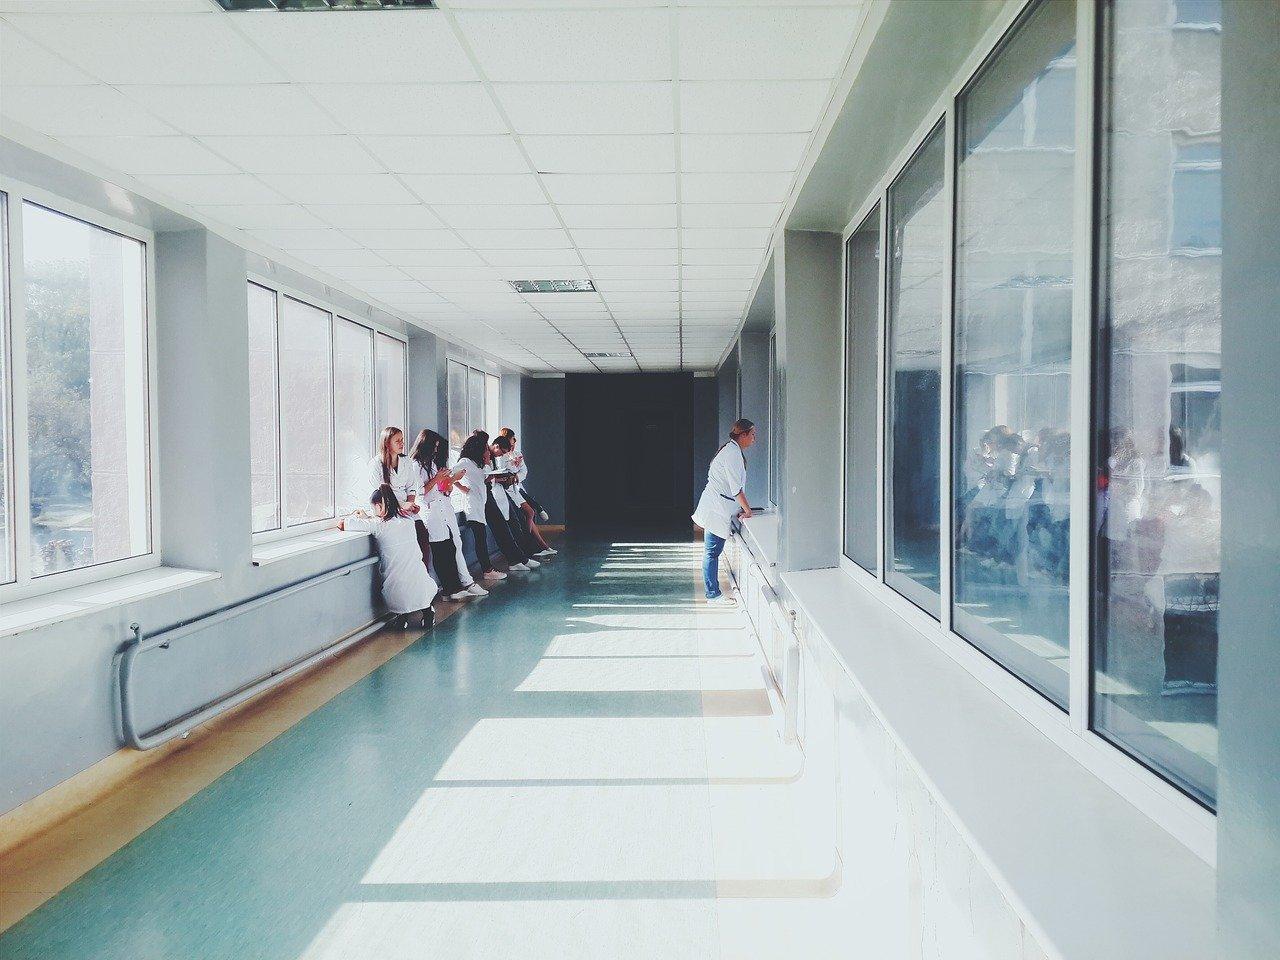 Doctors in the hallway